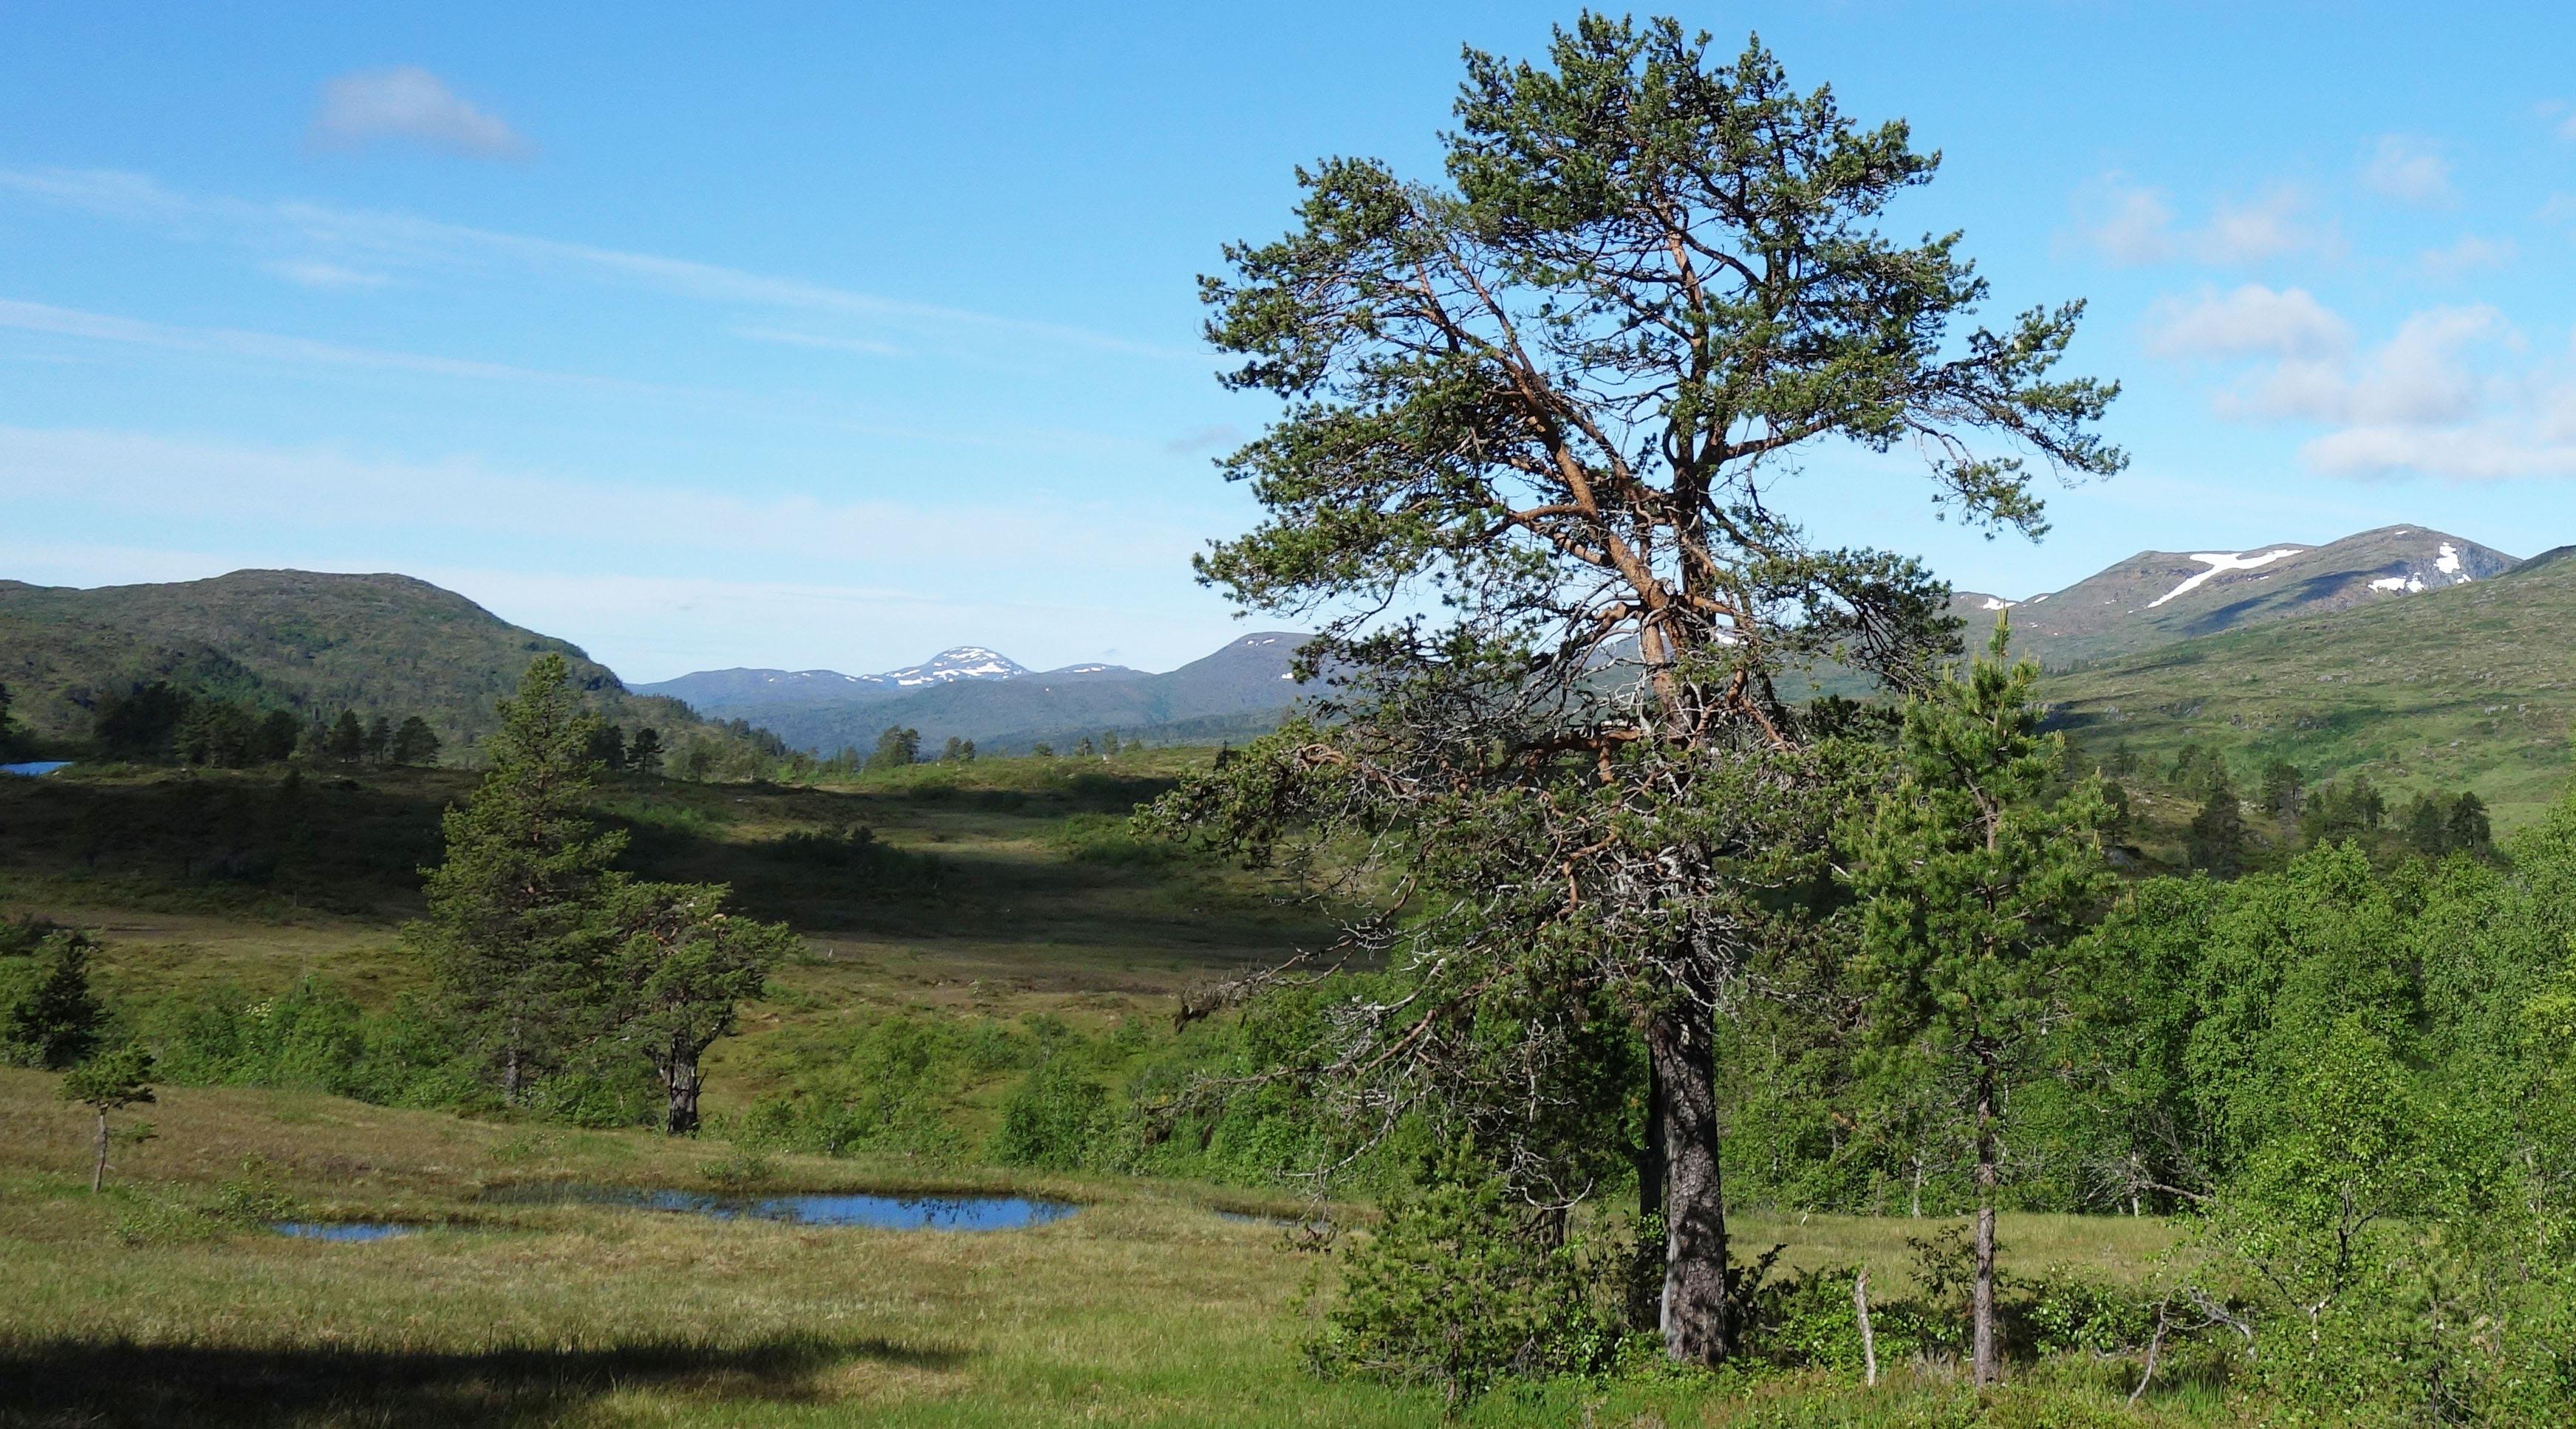 hügelige Graslandschaft mit vereinzelten Bäumen in Norwegen